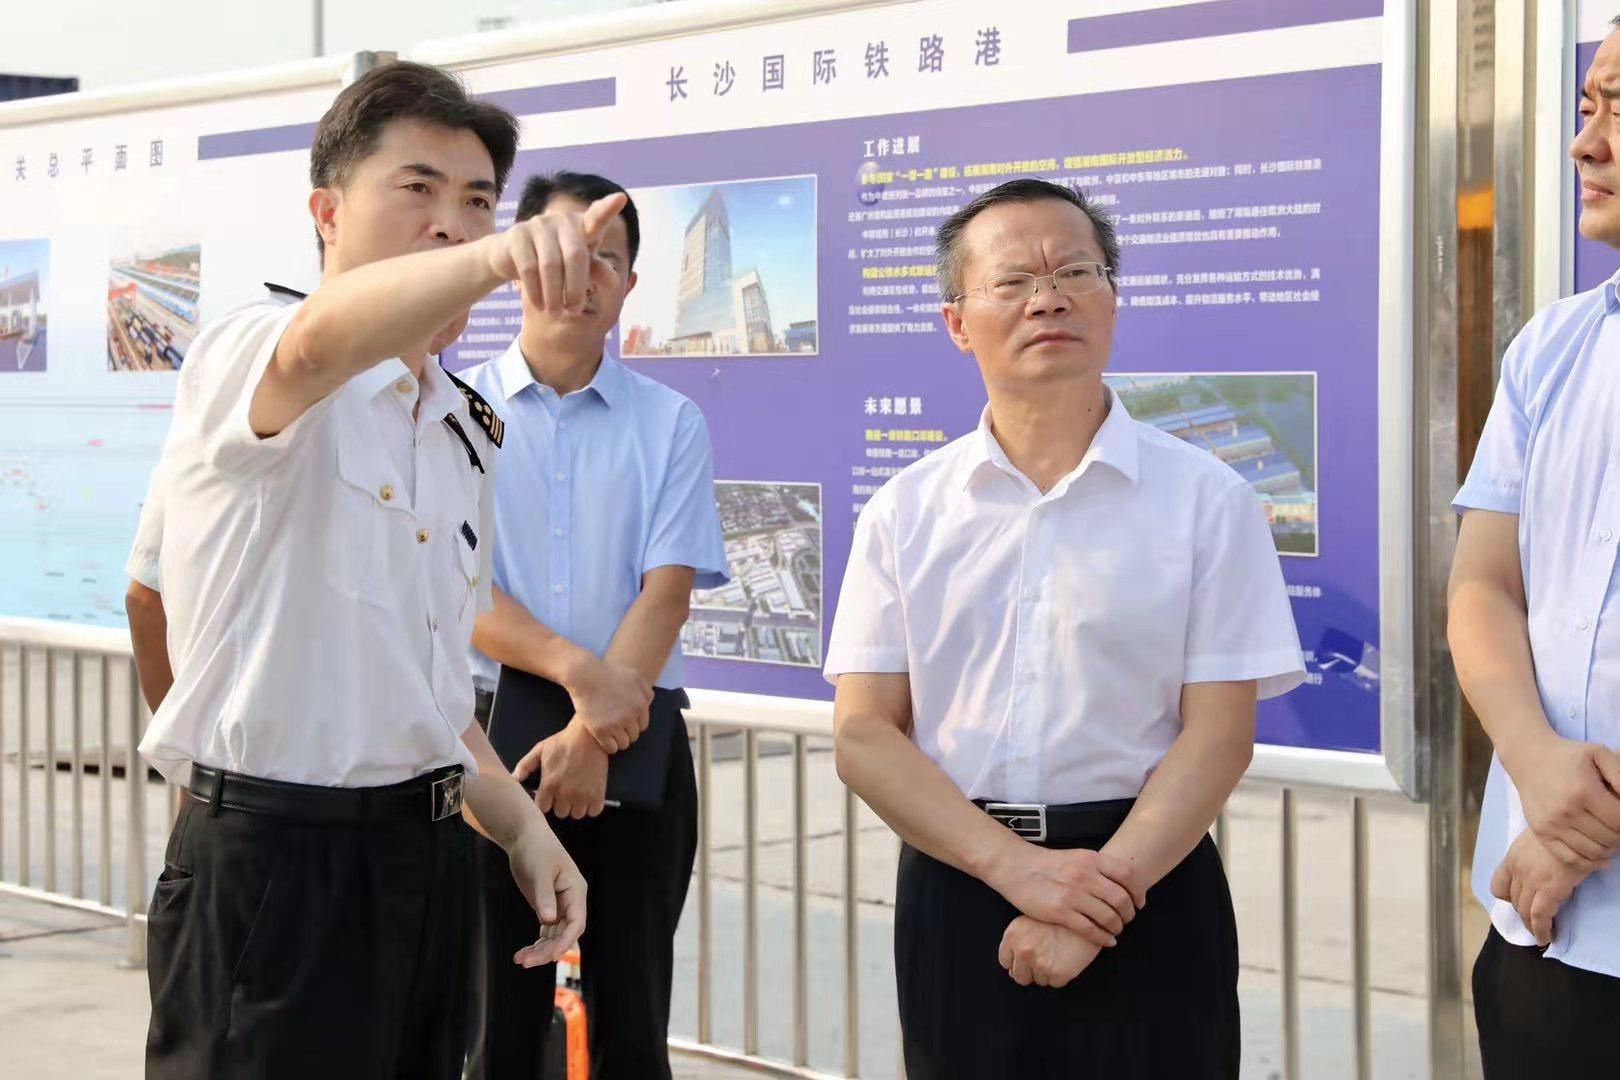 胡忠雄调研中欧班列、霞凝港三期、铜官港二期和高铁西城建设